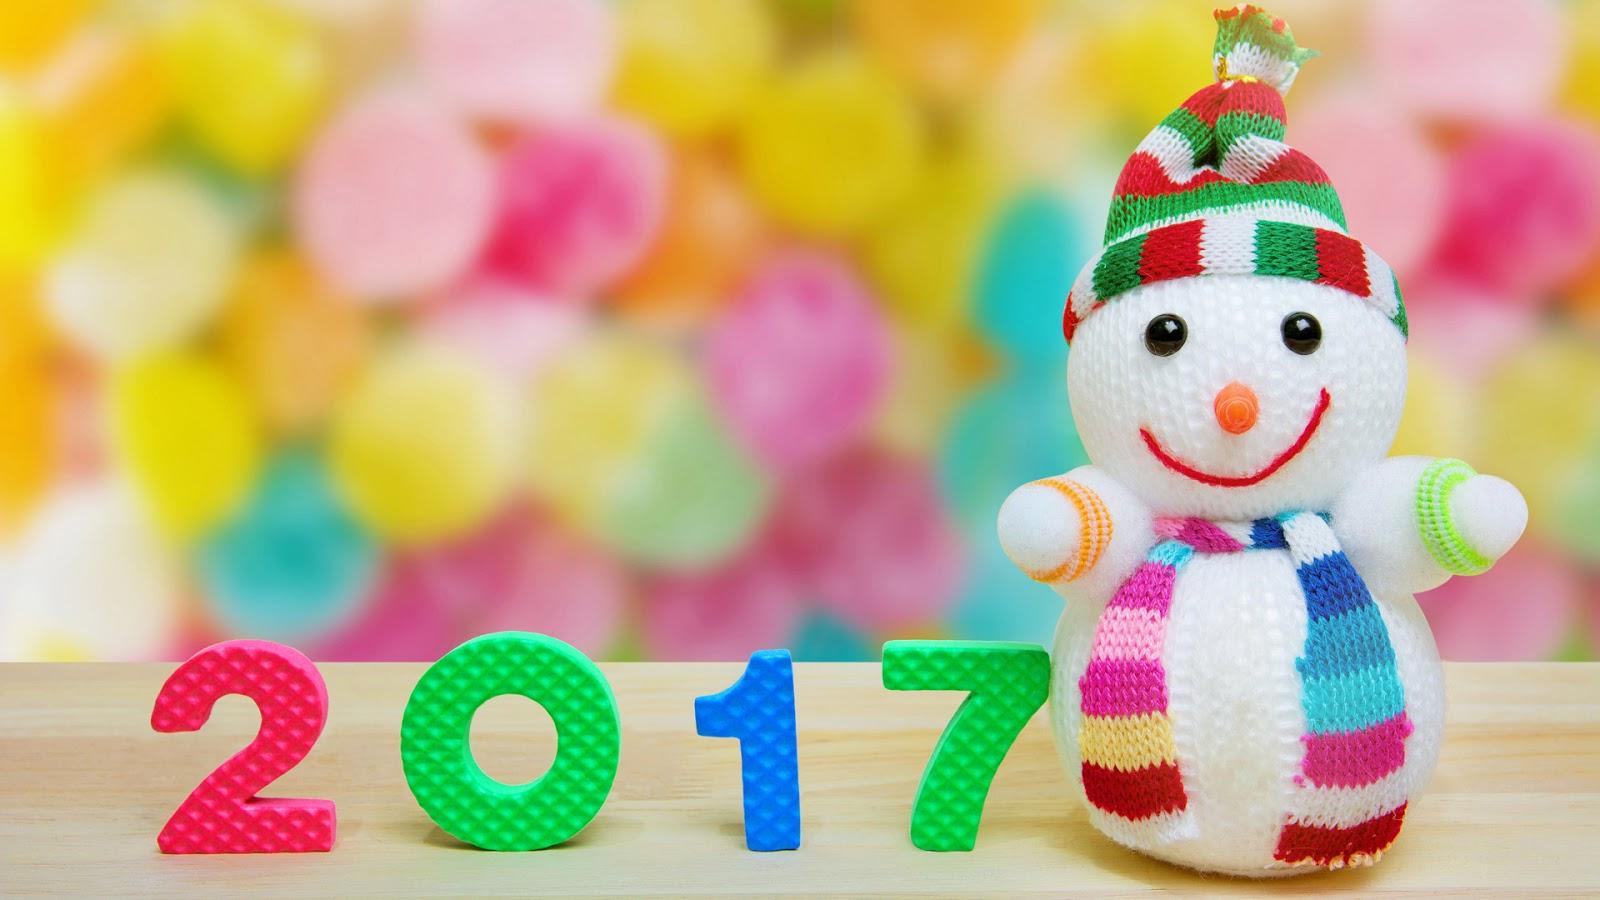 Hình nền tết 2017 đẹp chào đón năm mới - hình 08